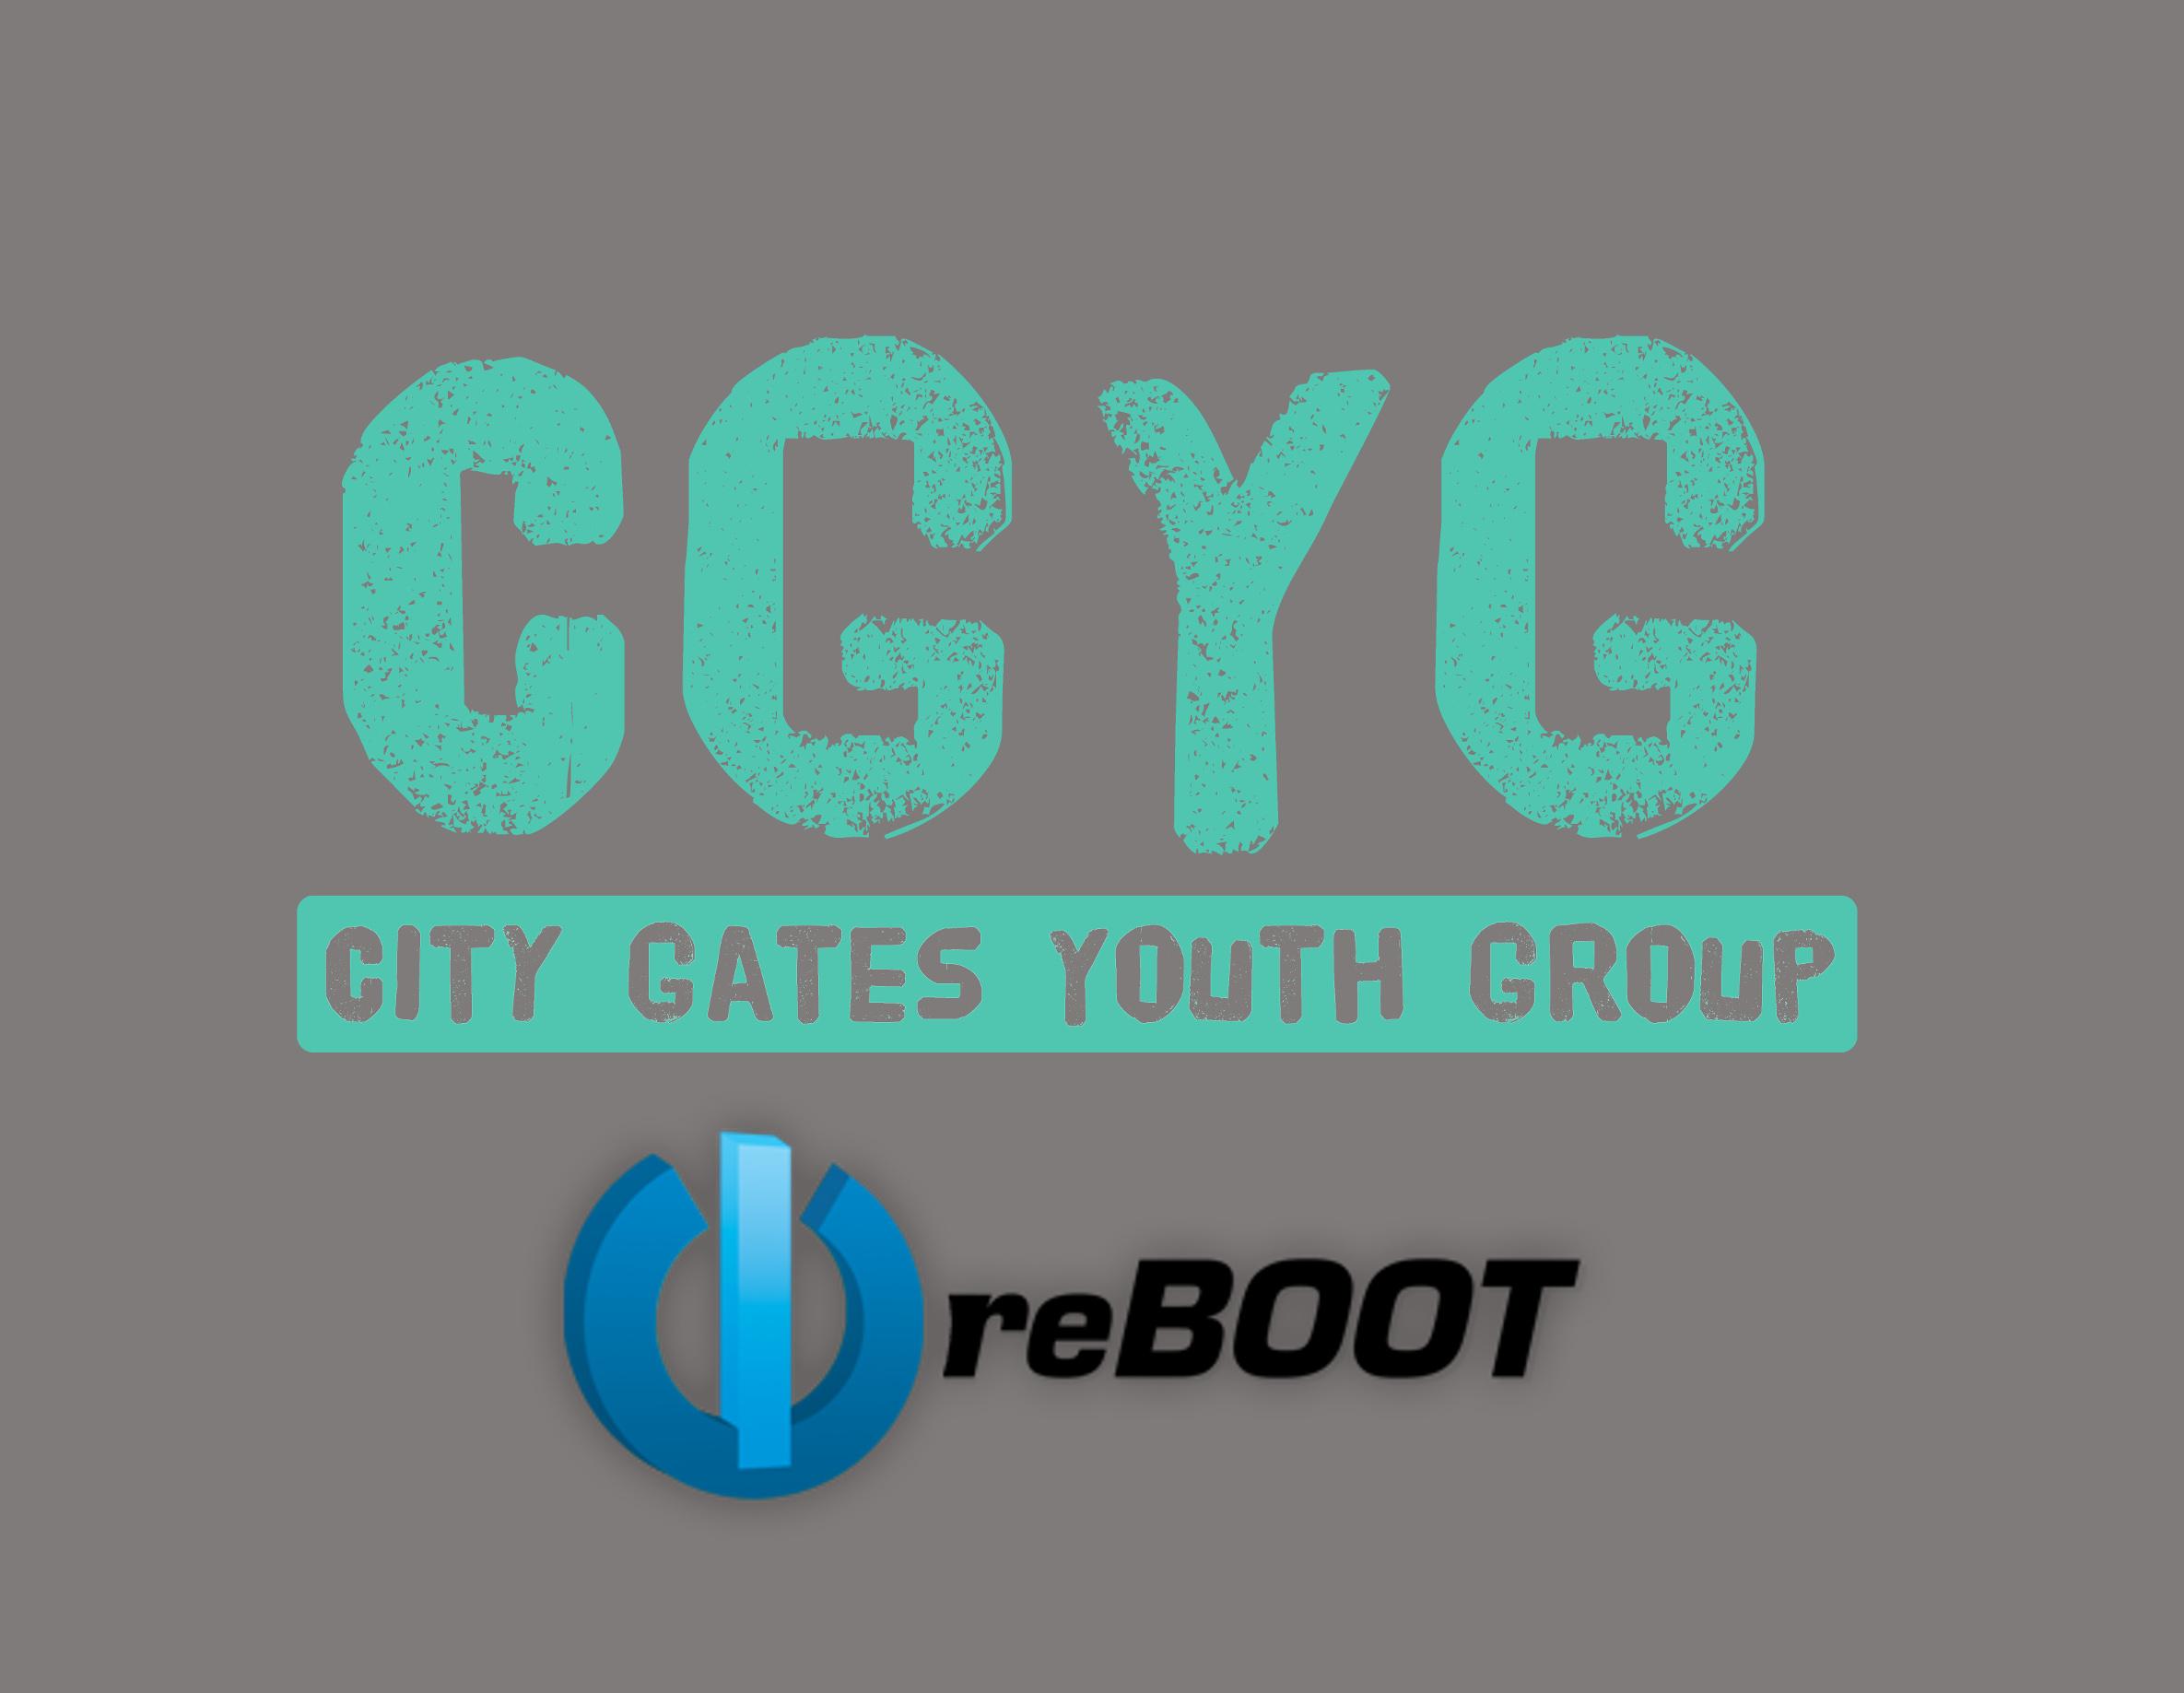 Rebot cgyg logo